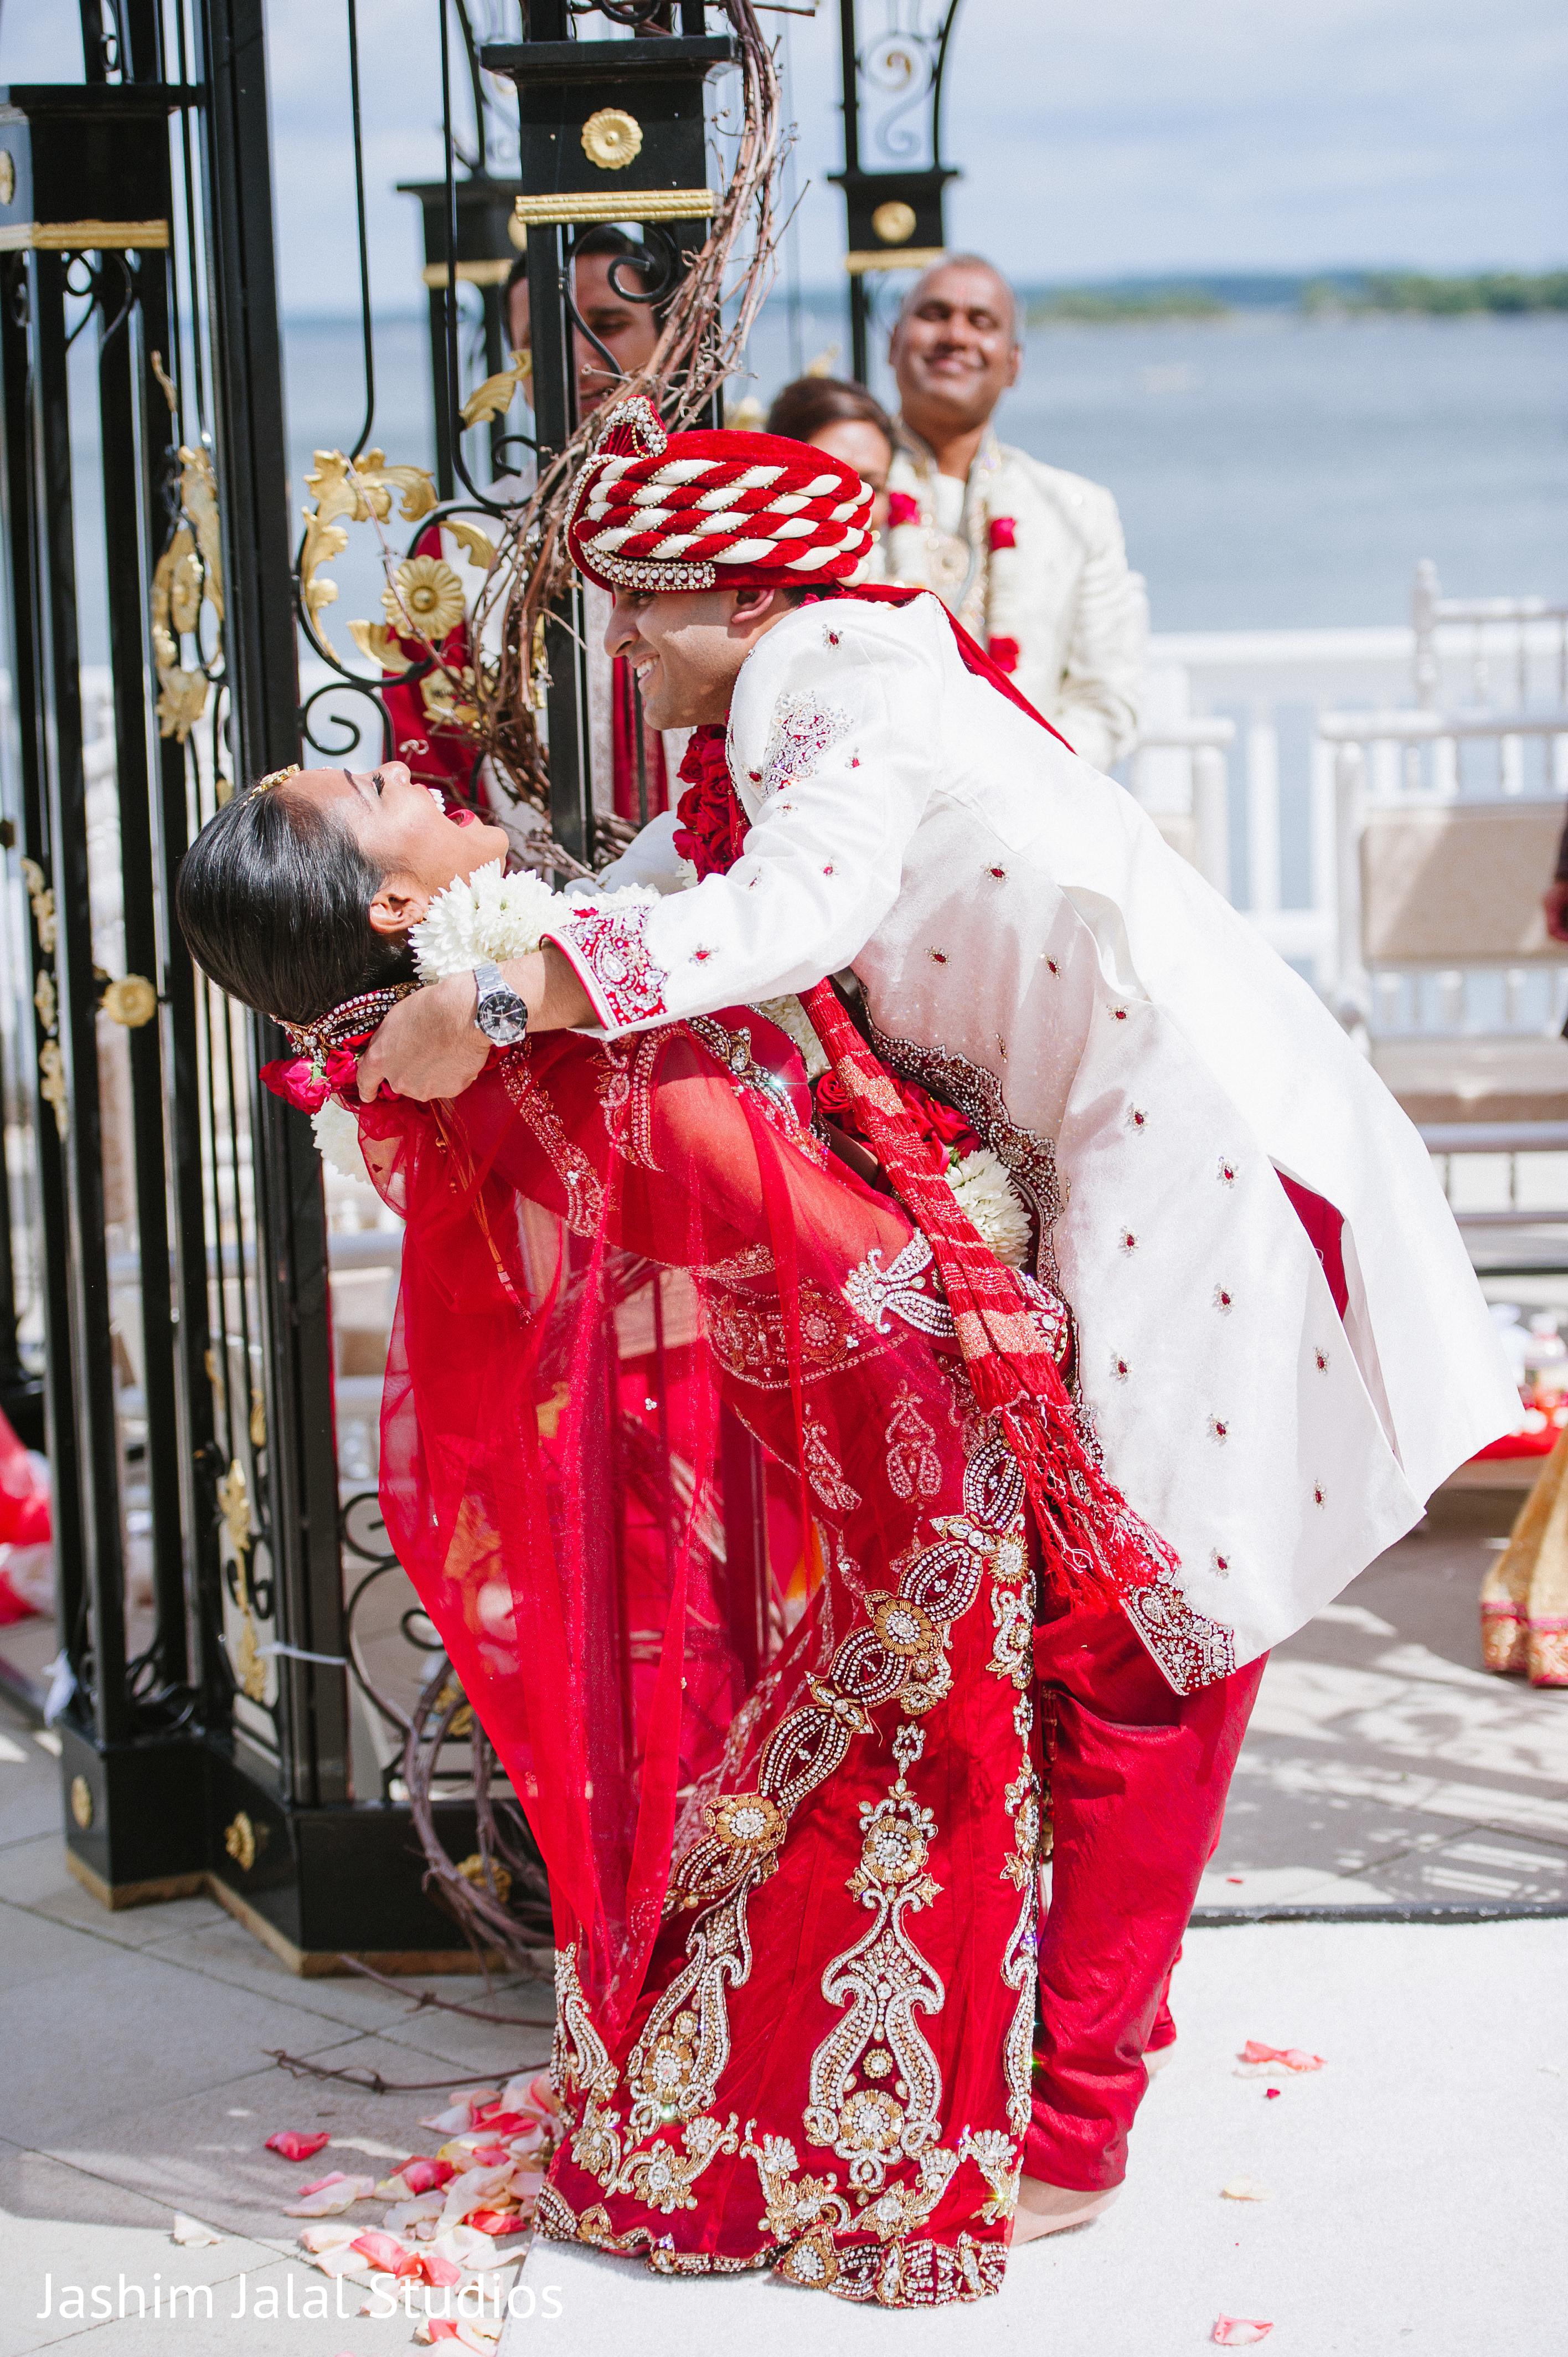 Maharani fashions edison nj 13